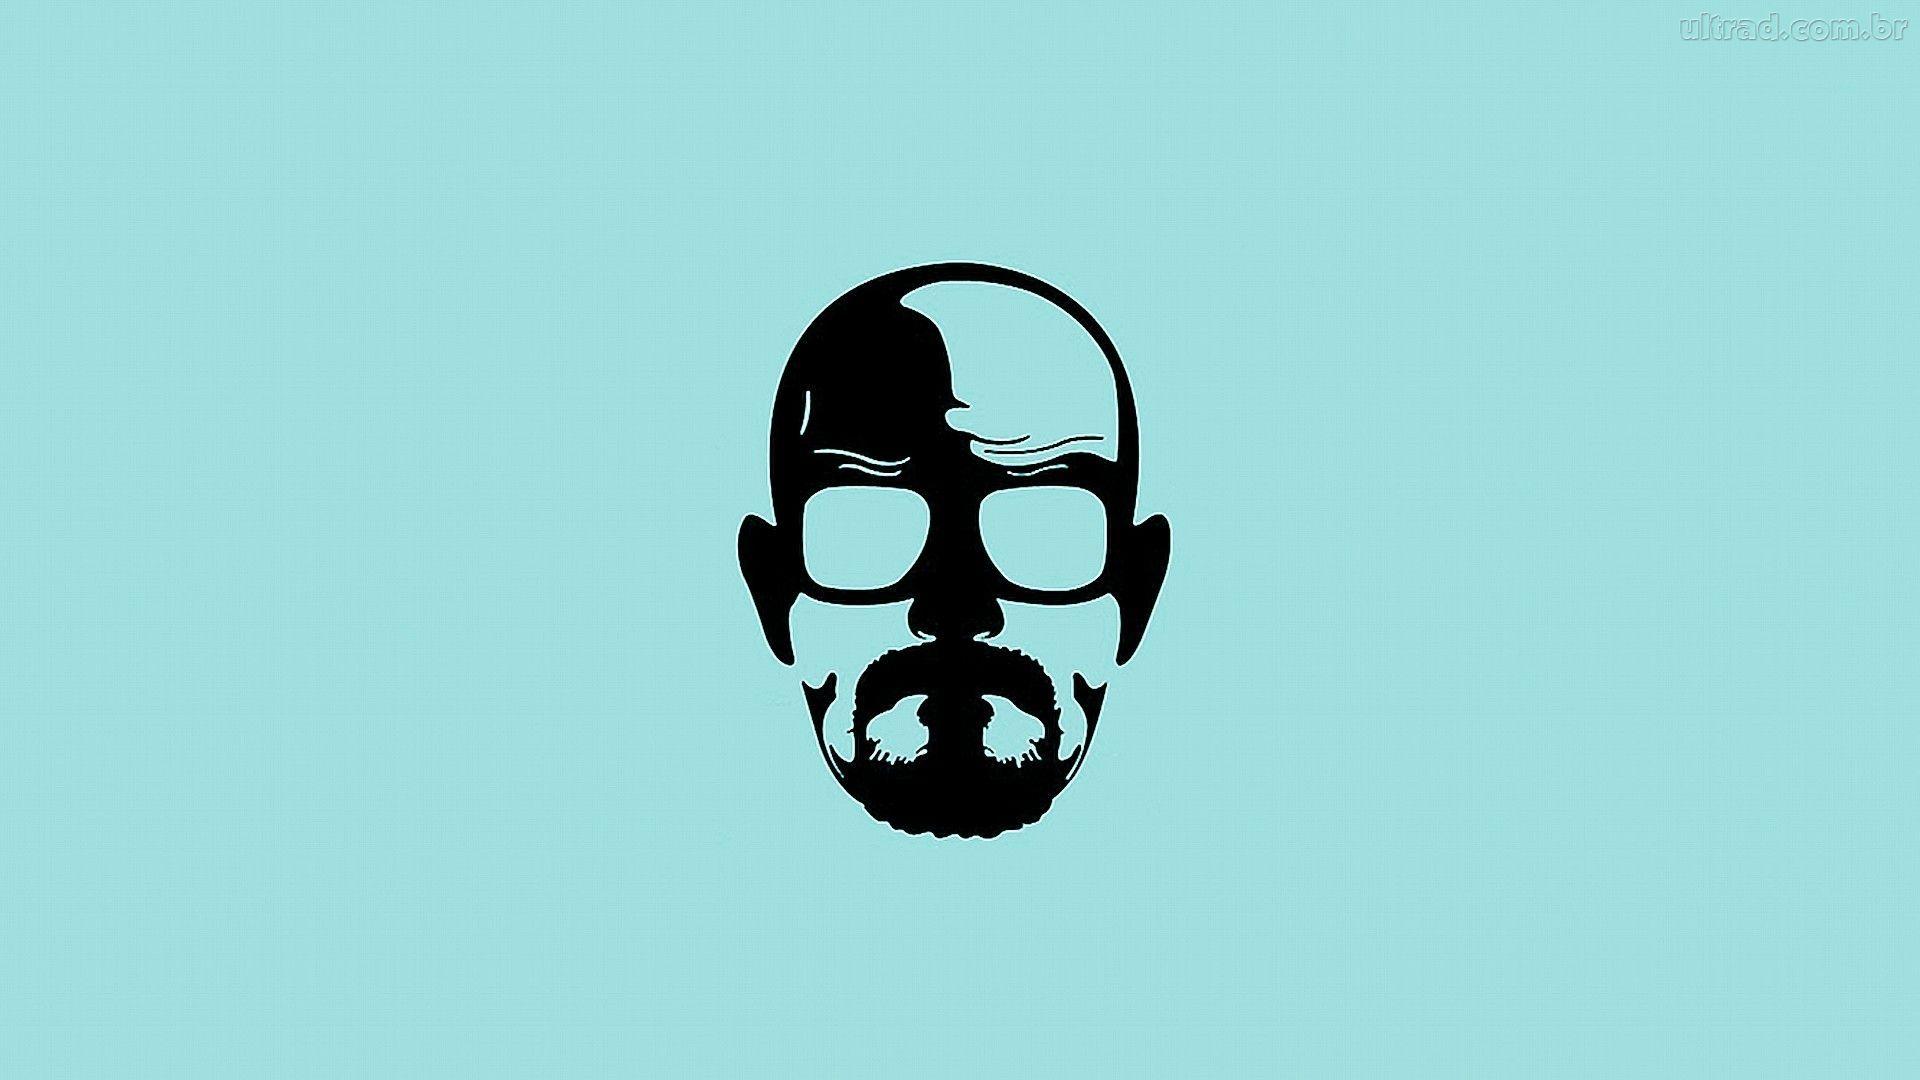 Breaking Bad Walter White #BreakingBad #WalterWhite